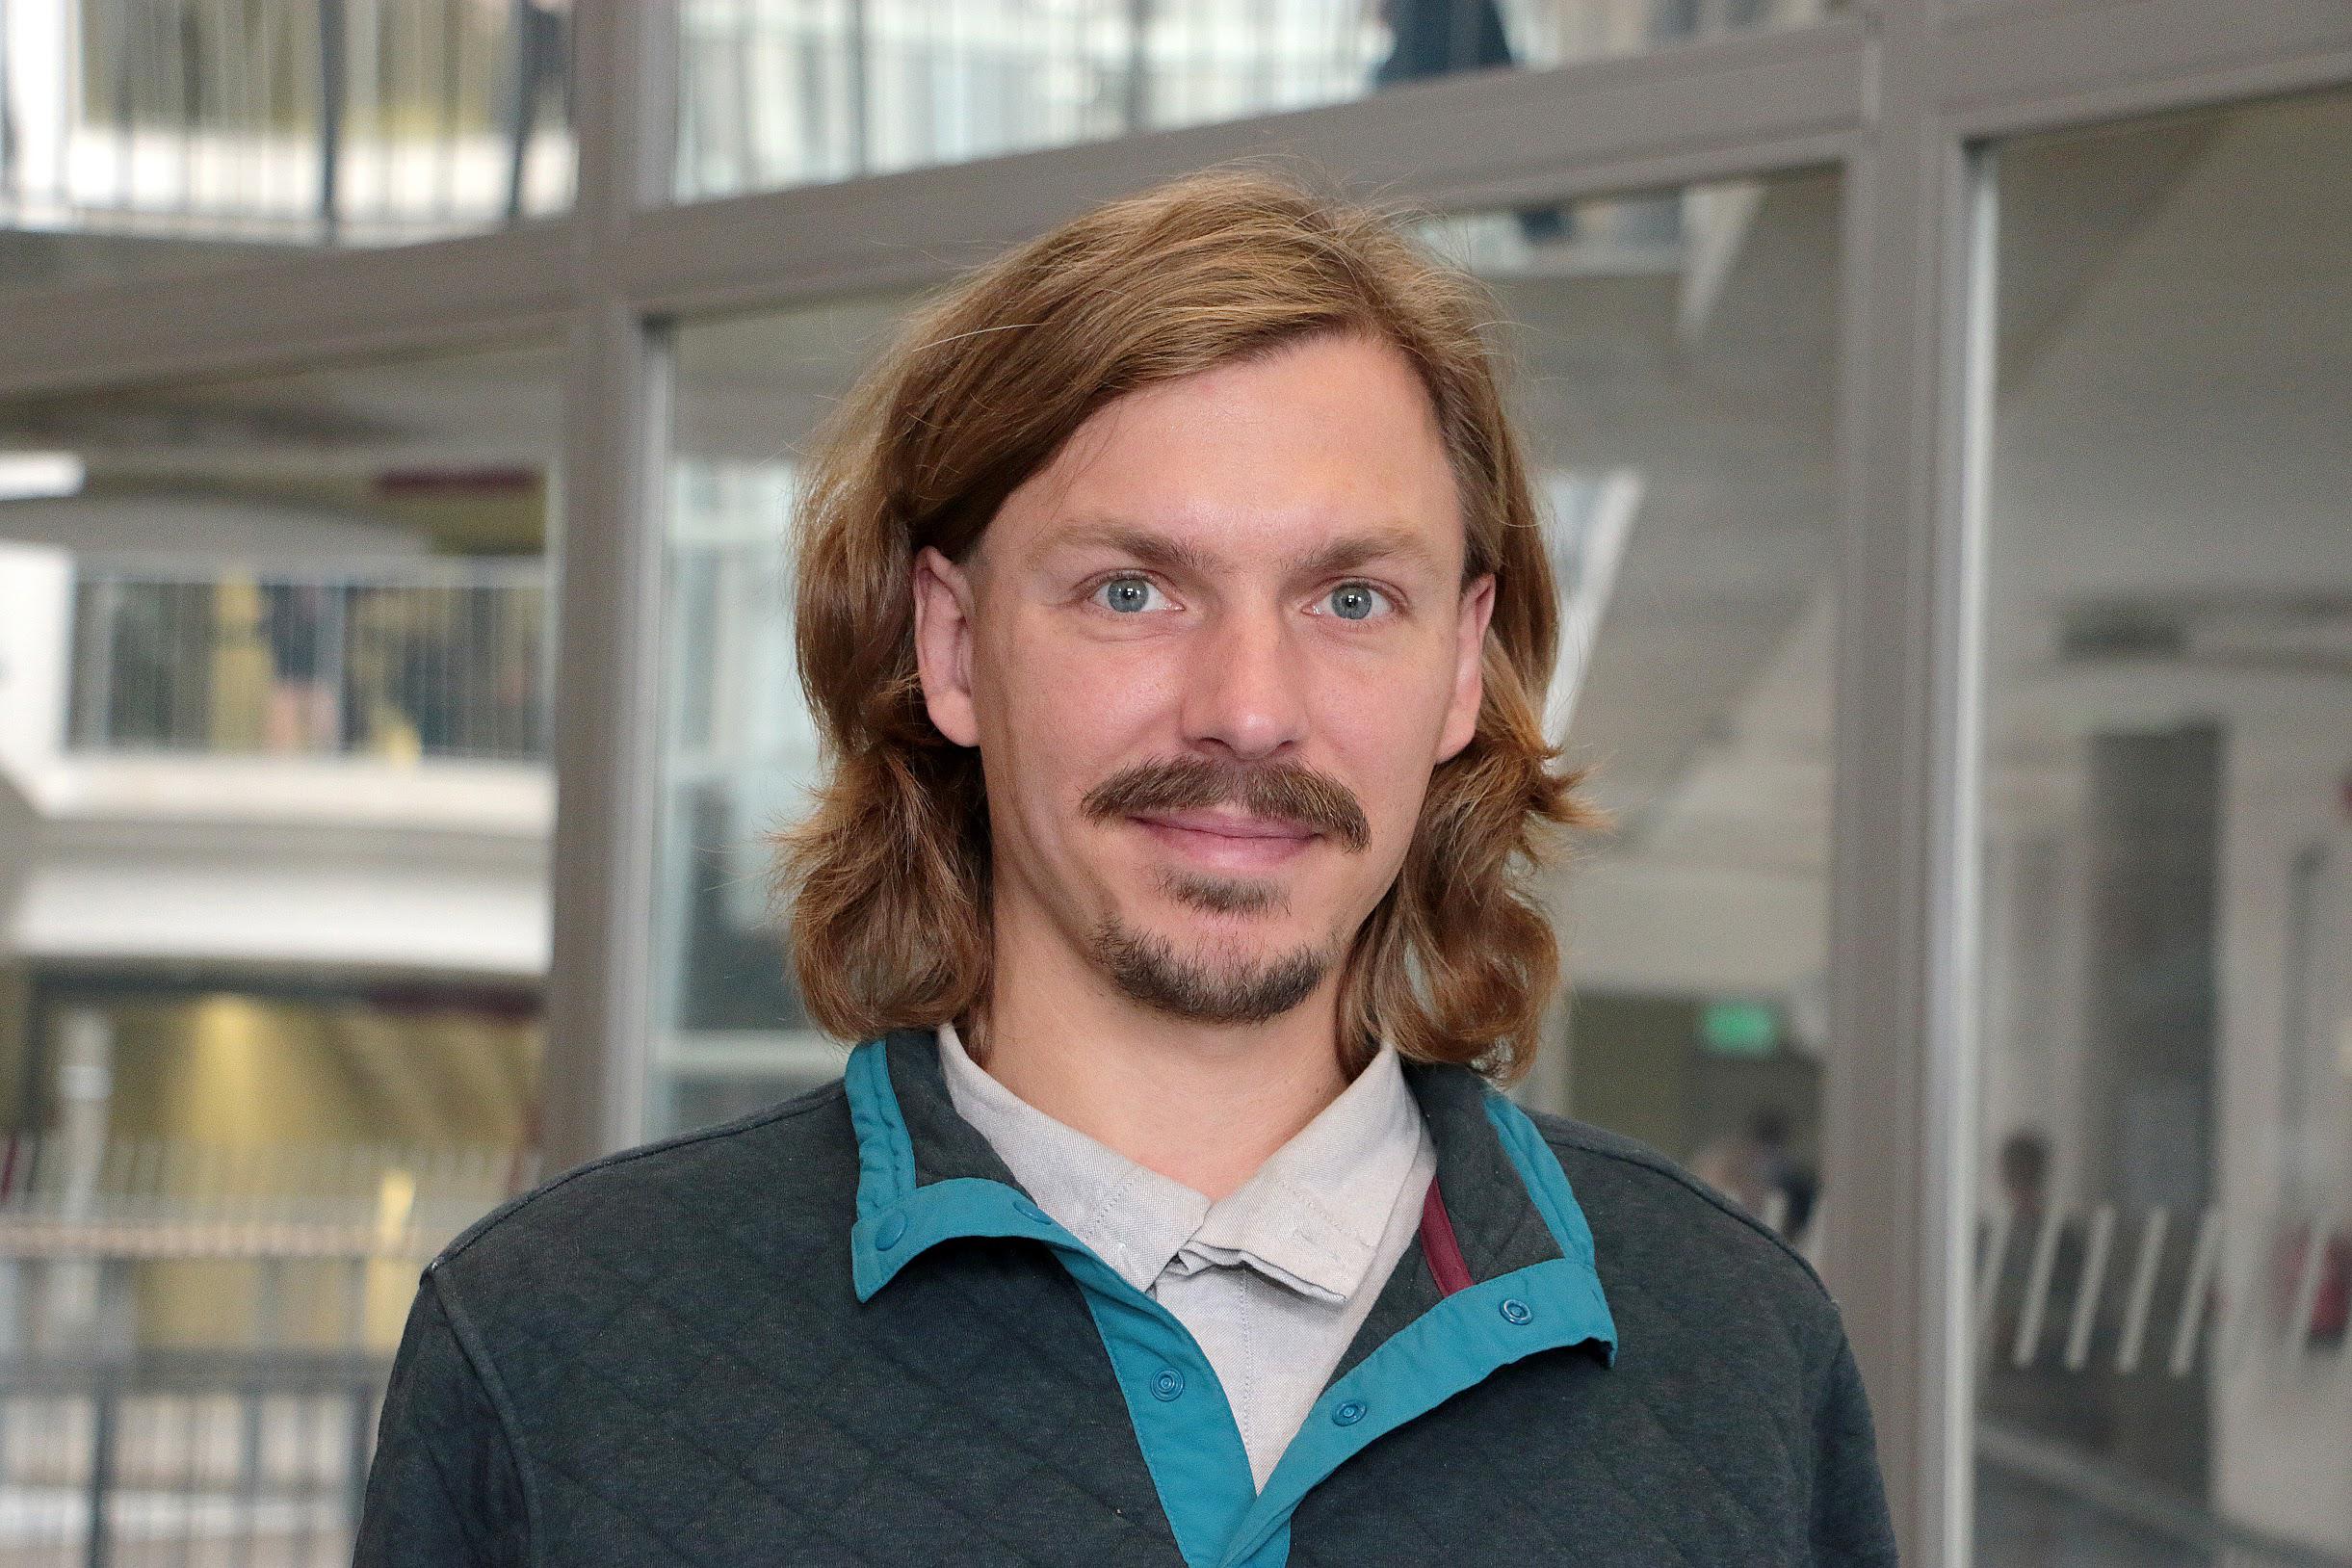 Joonas Plaan, Tallinna ülikooli antropoloogia lektor